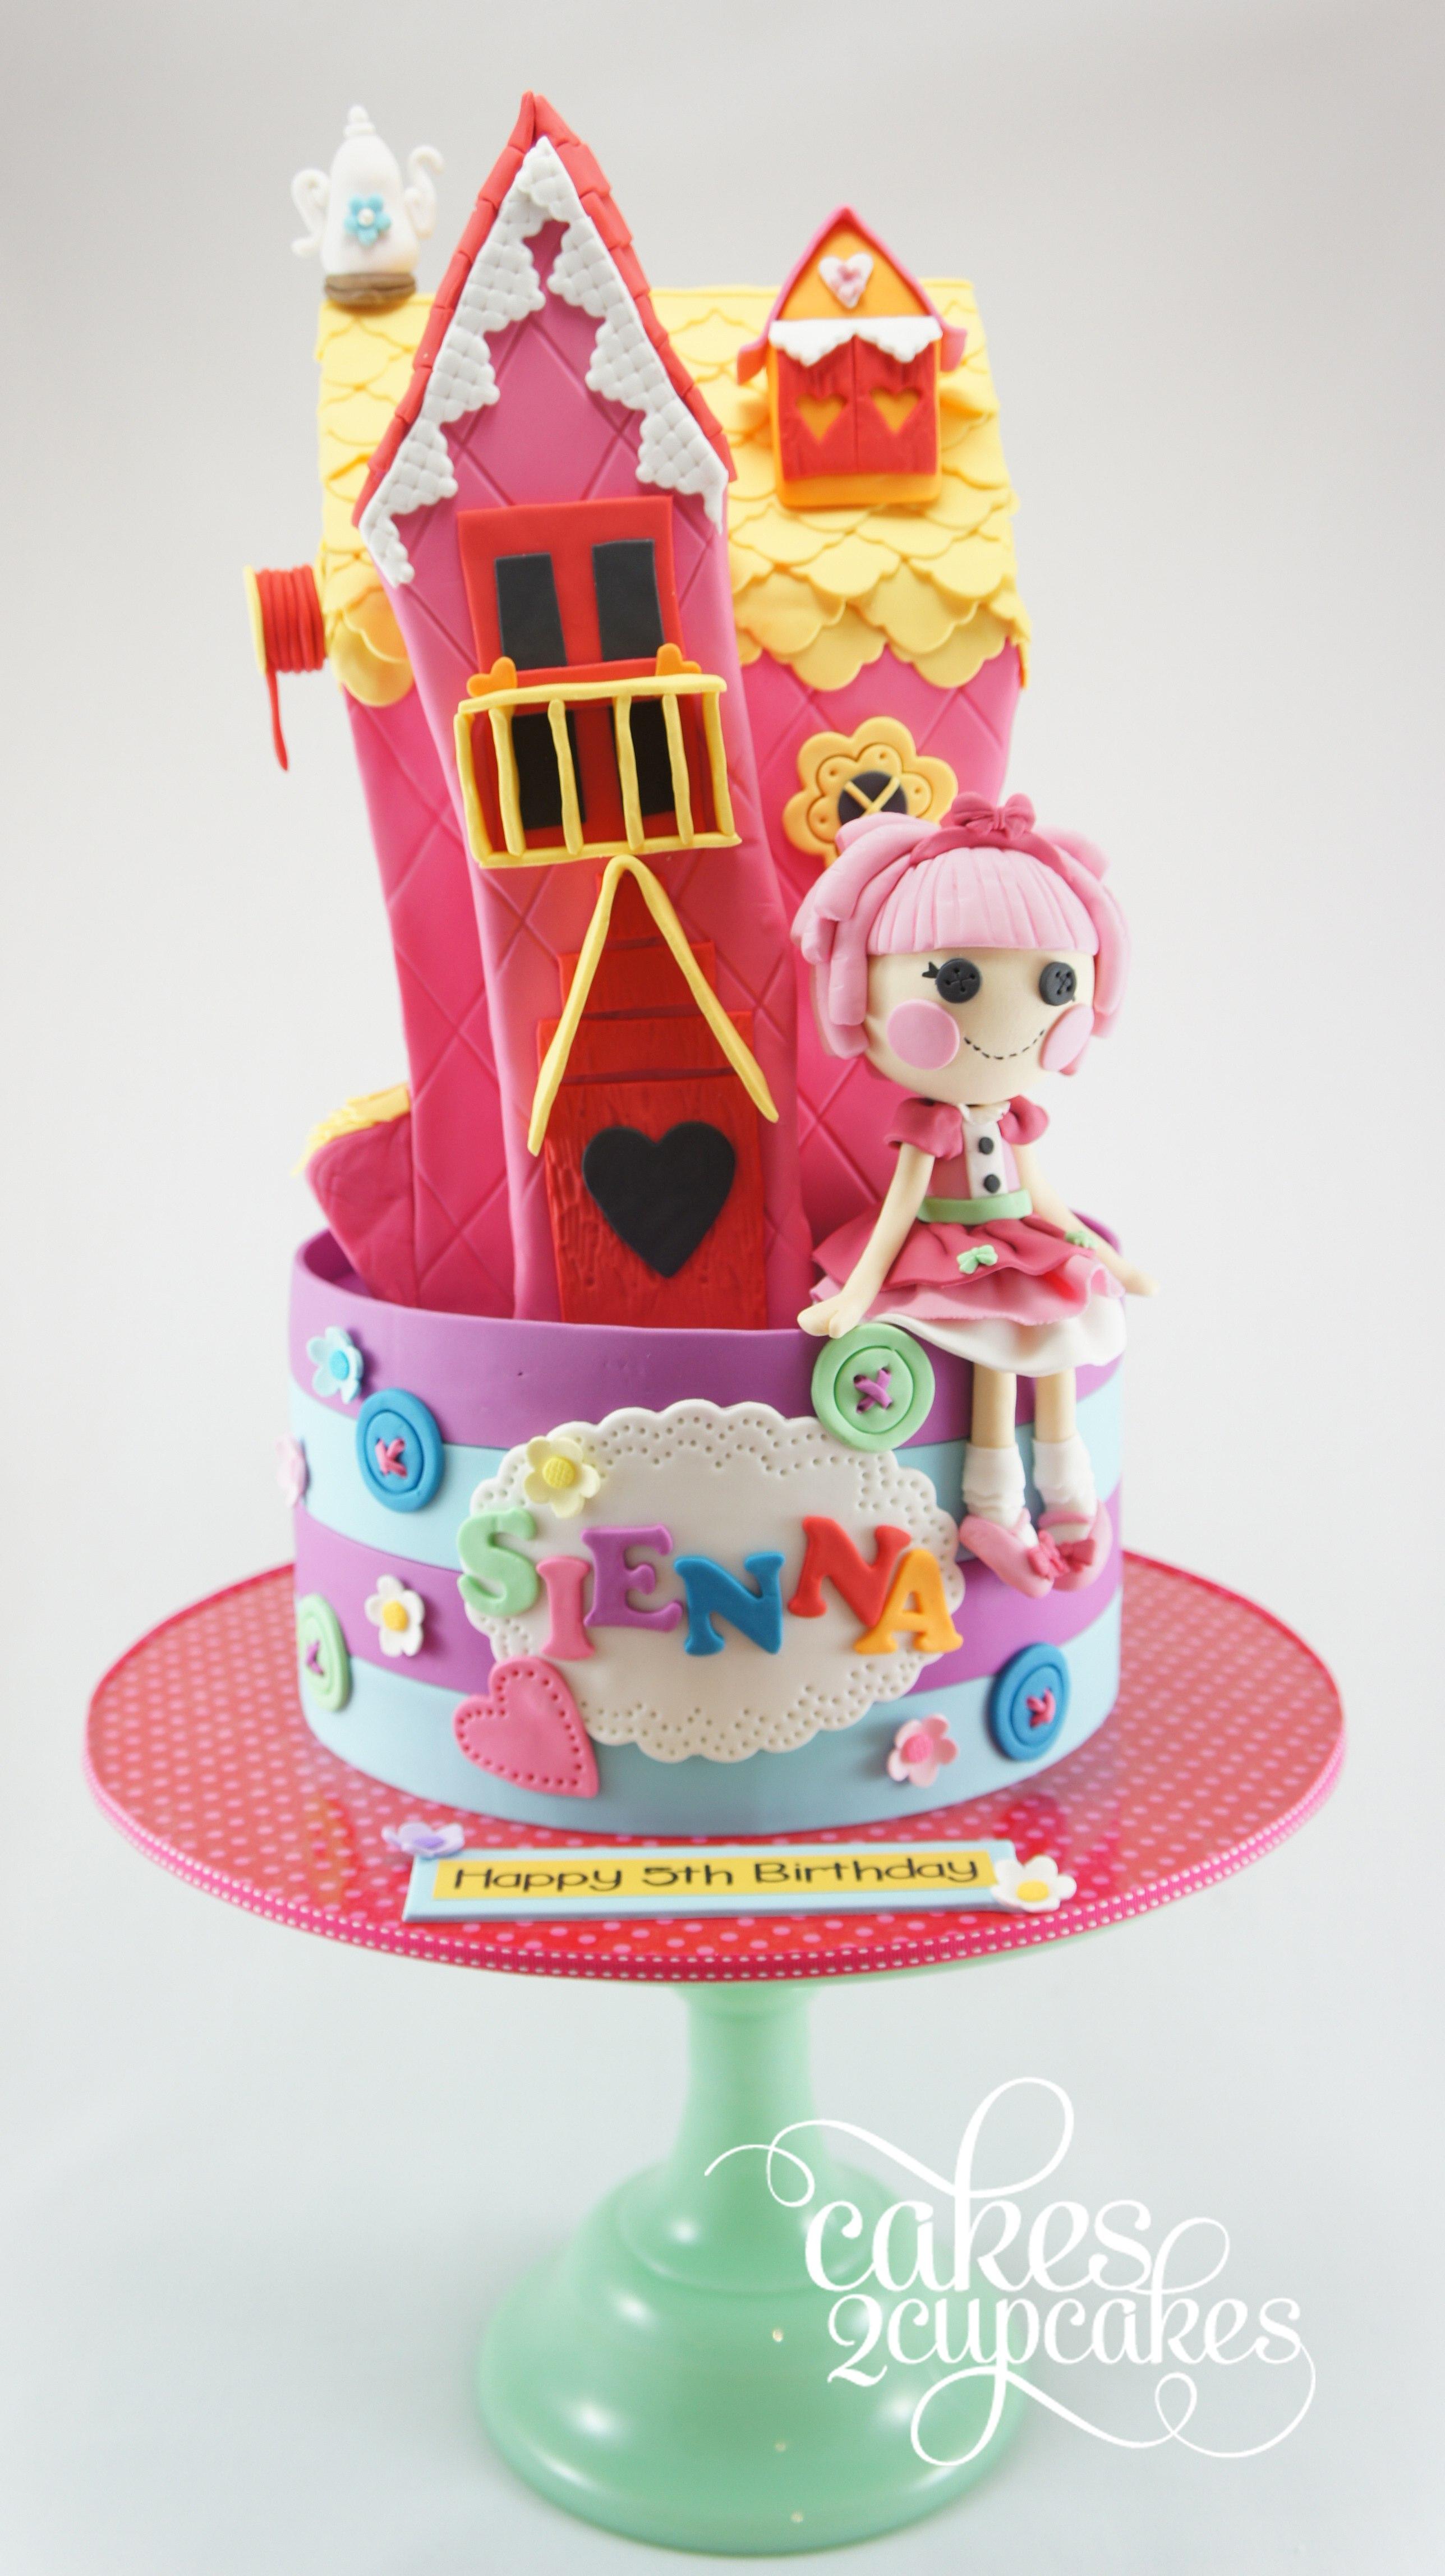 cakes2cupcakes-lalaloopsy.jpg